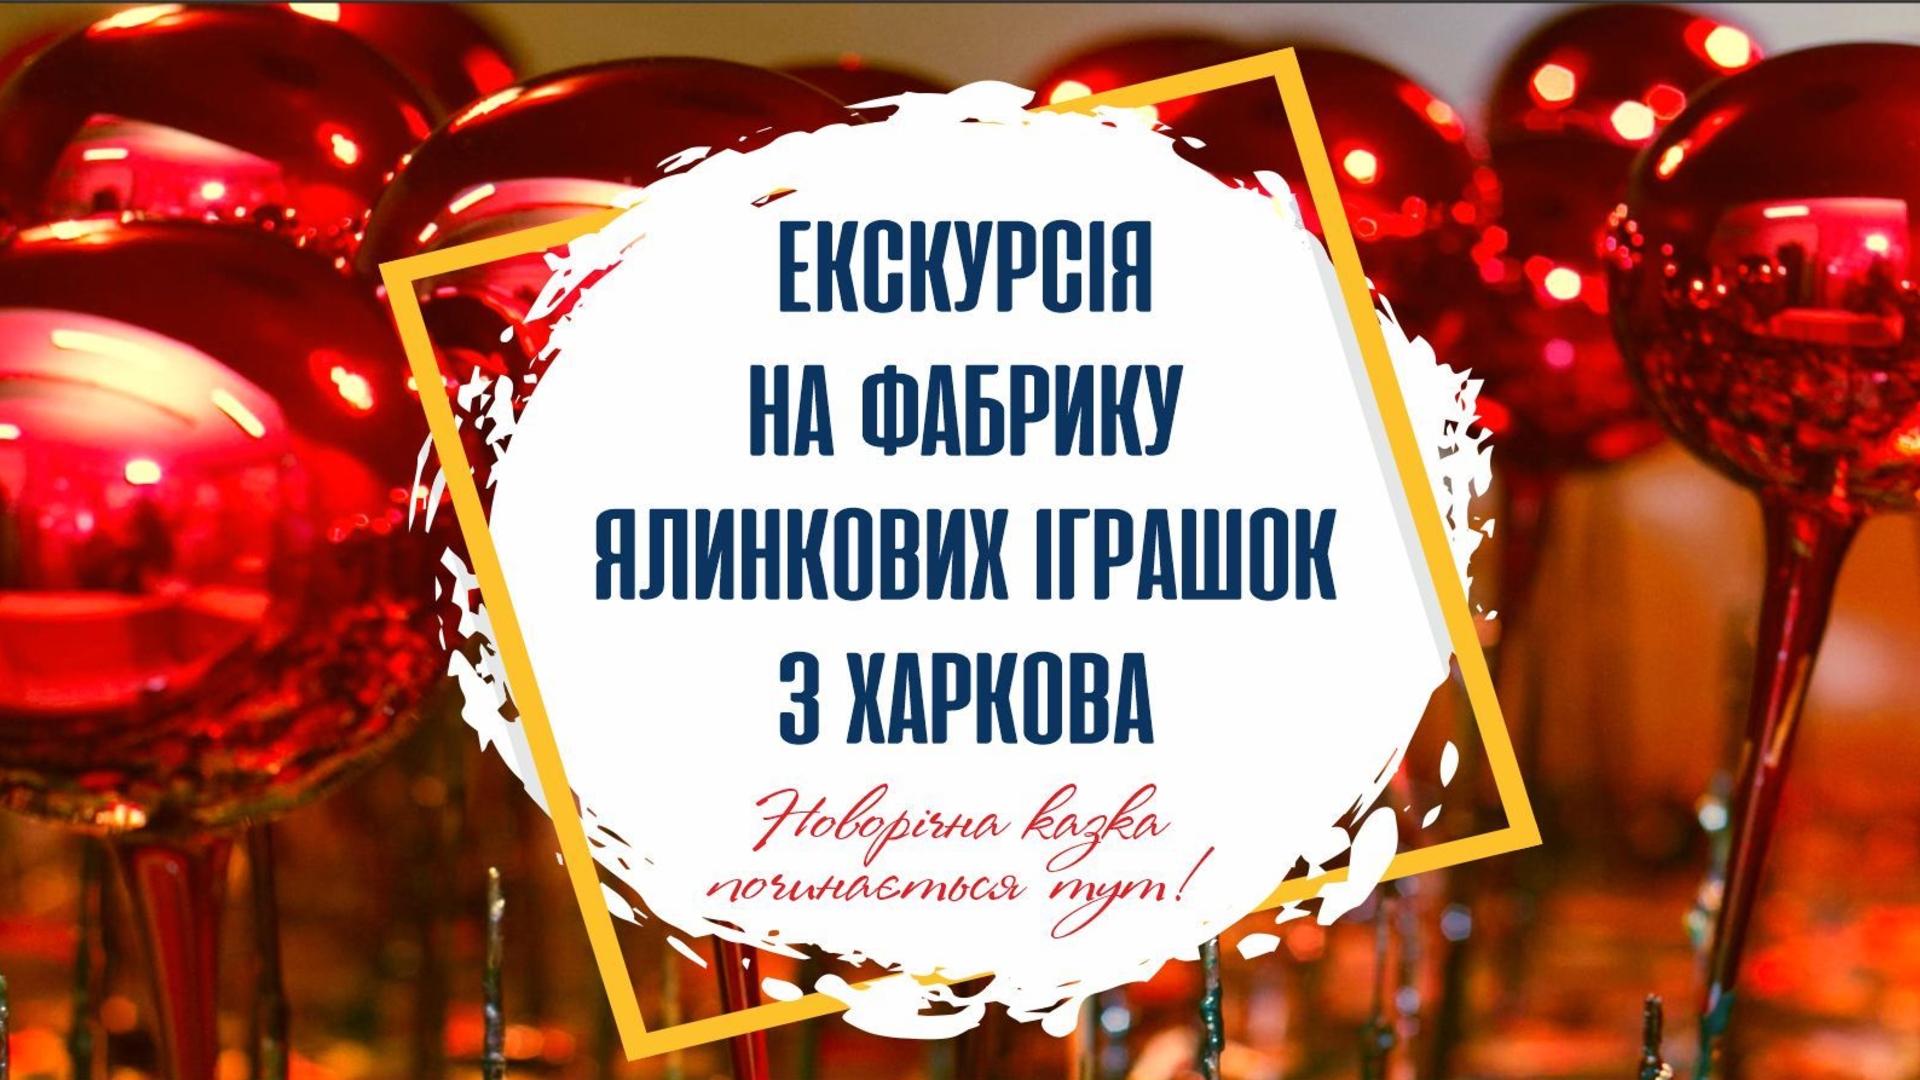 Экскурсия на фабрику елочных игрушек Харьков